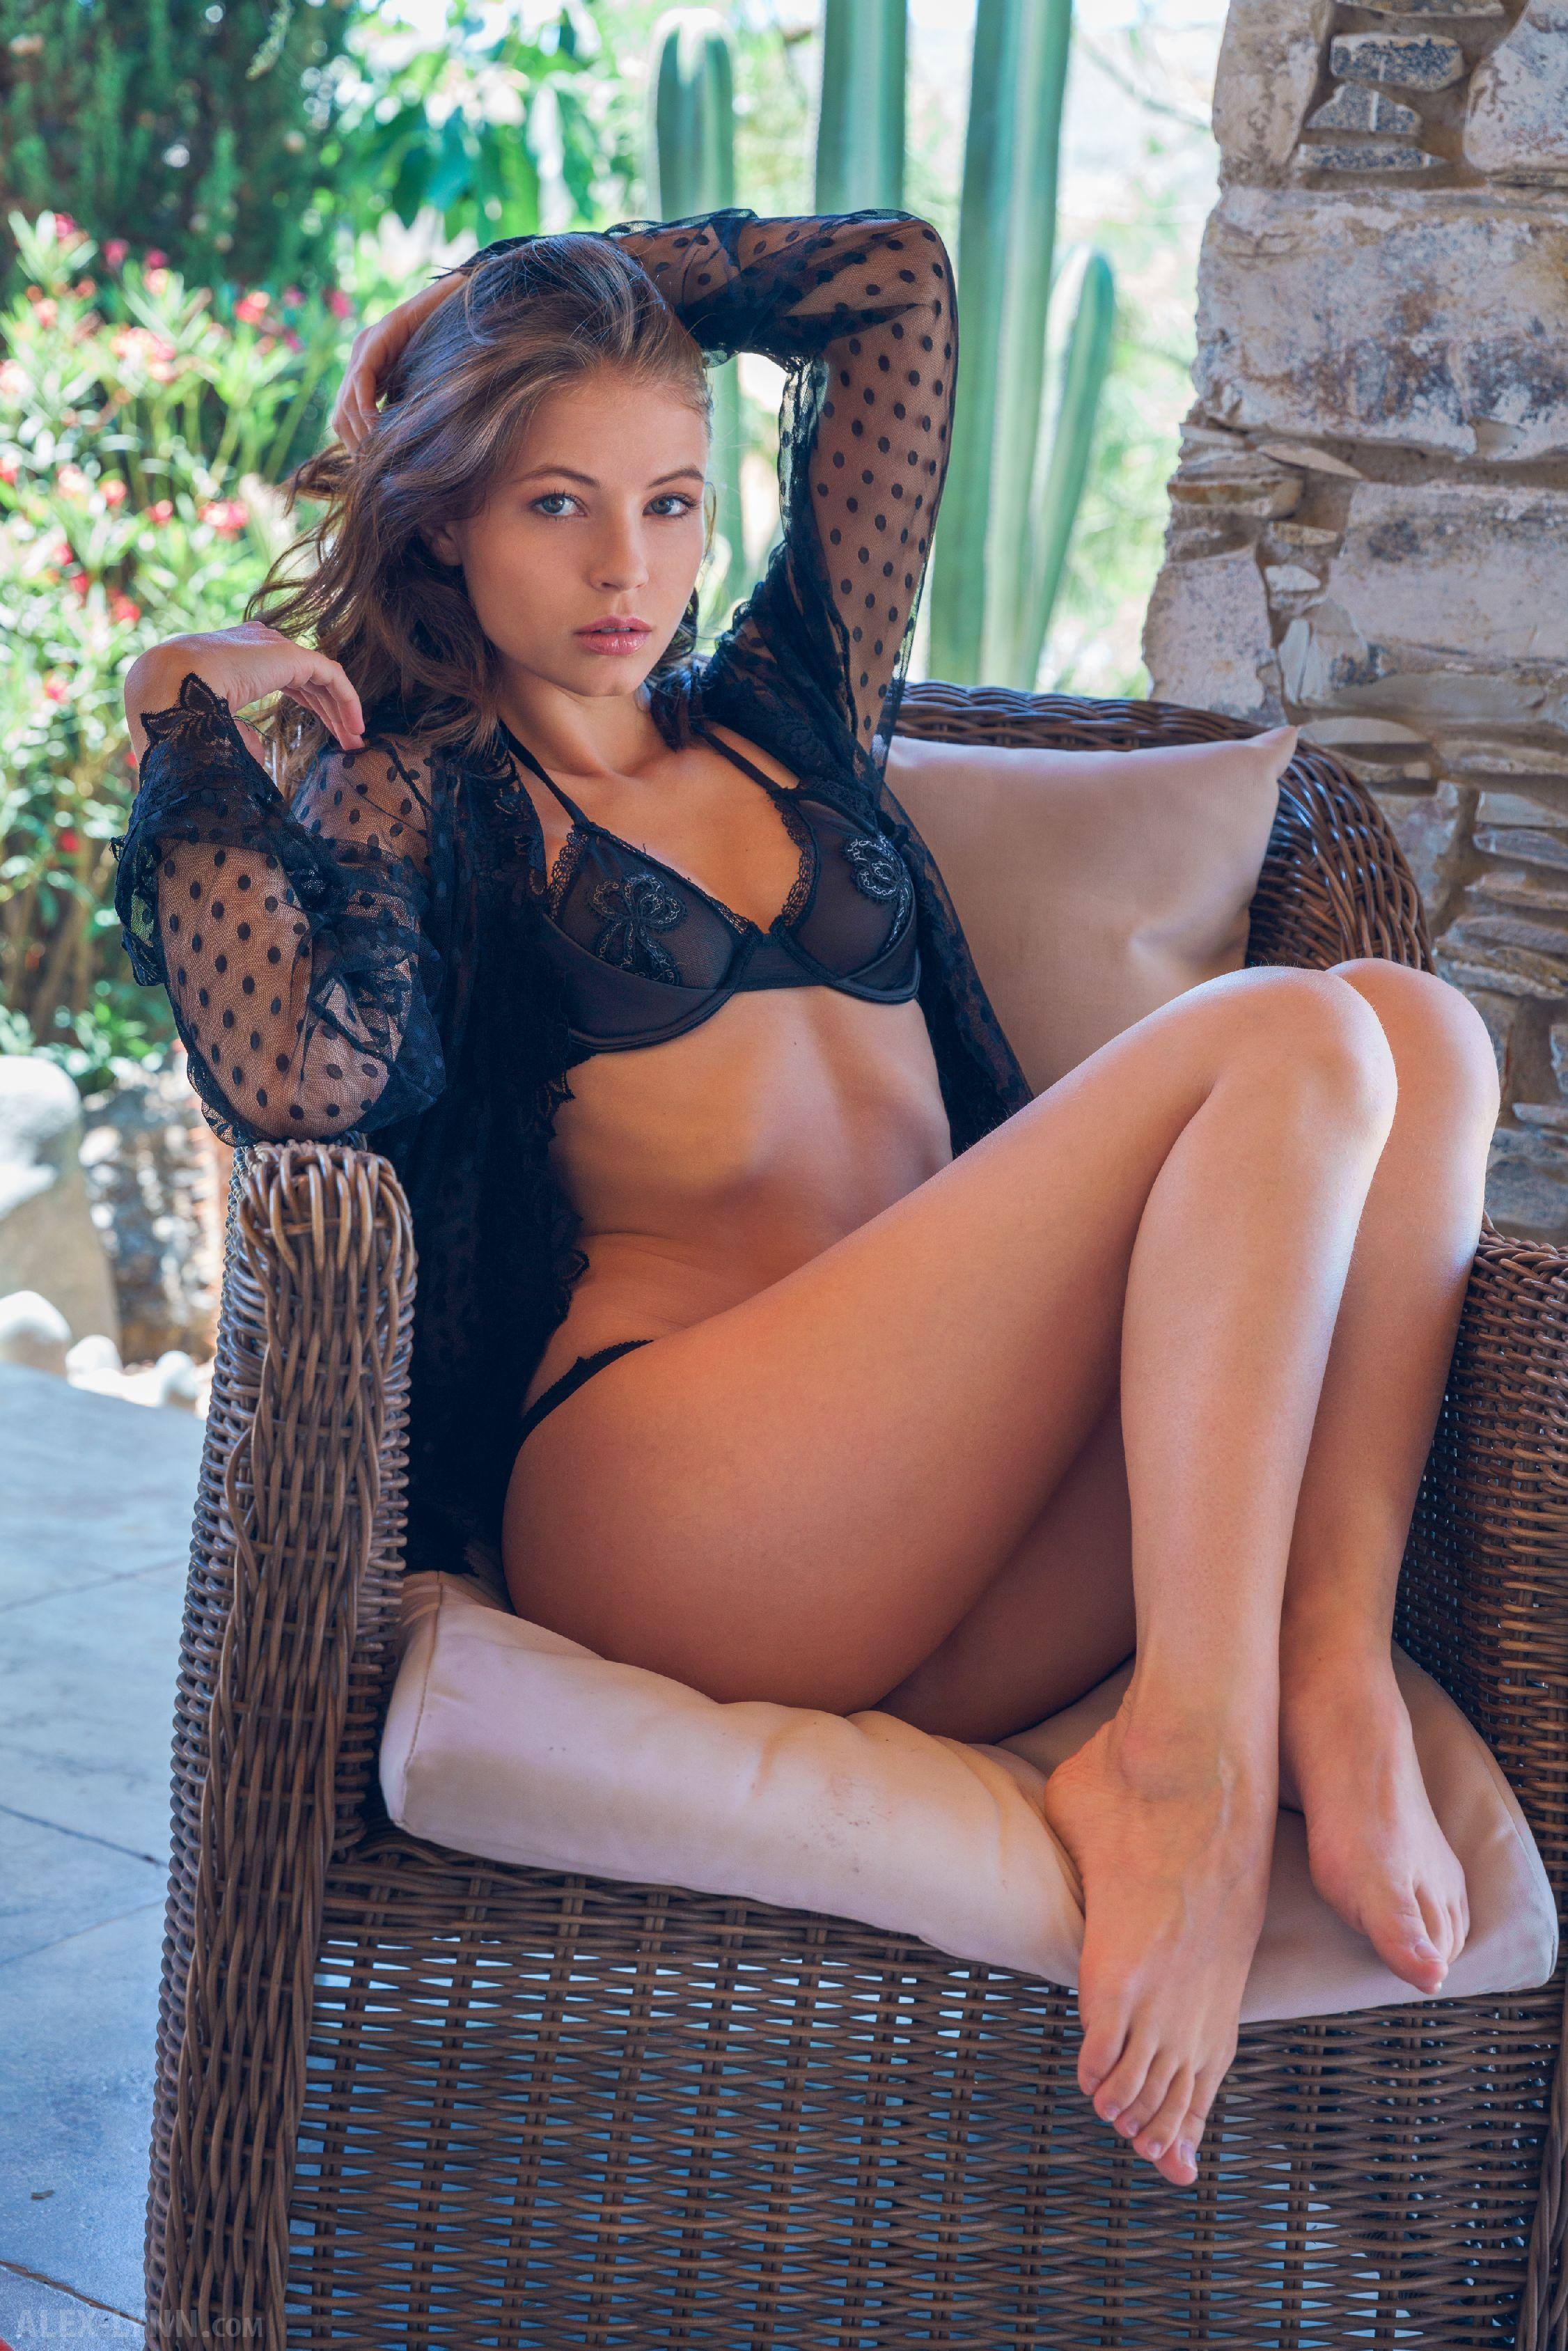 Victoria rodriguez porn